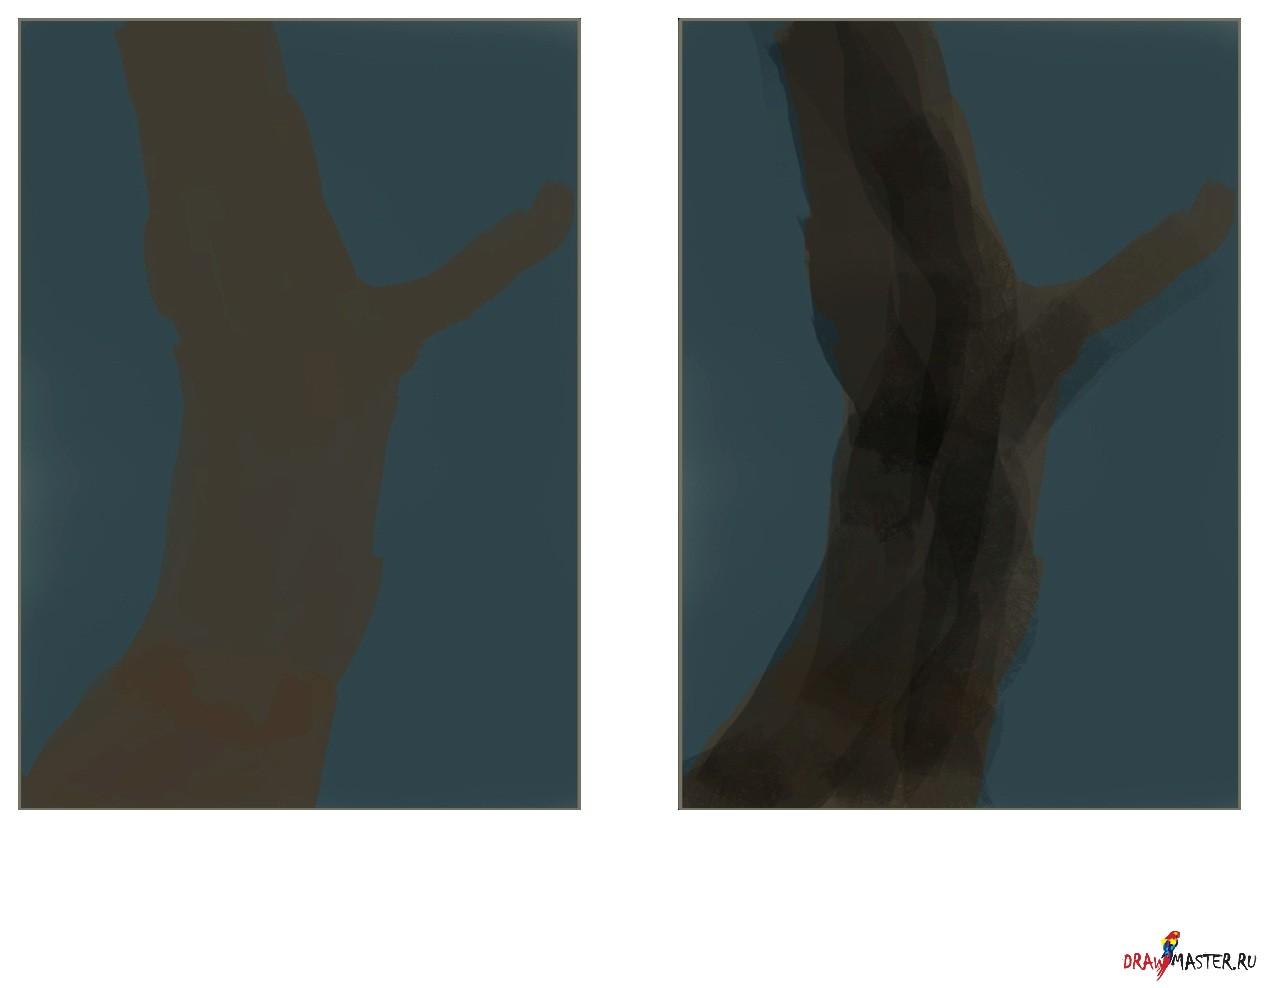 Як намалювати казкове дерево - уроки малювання